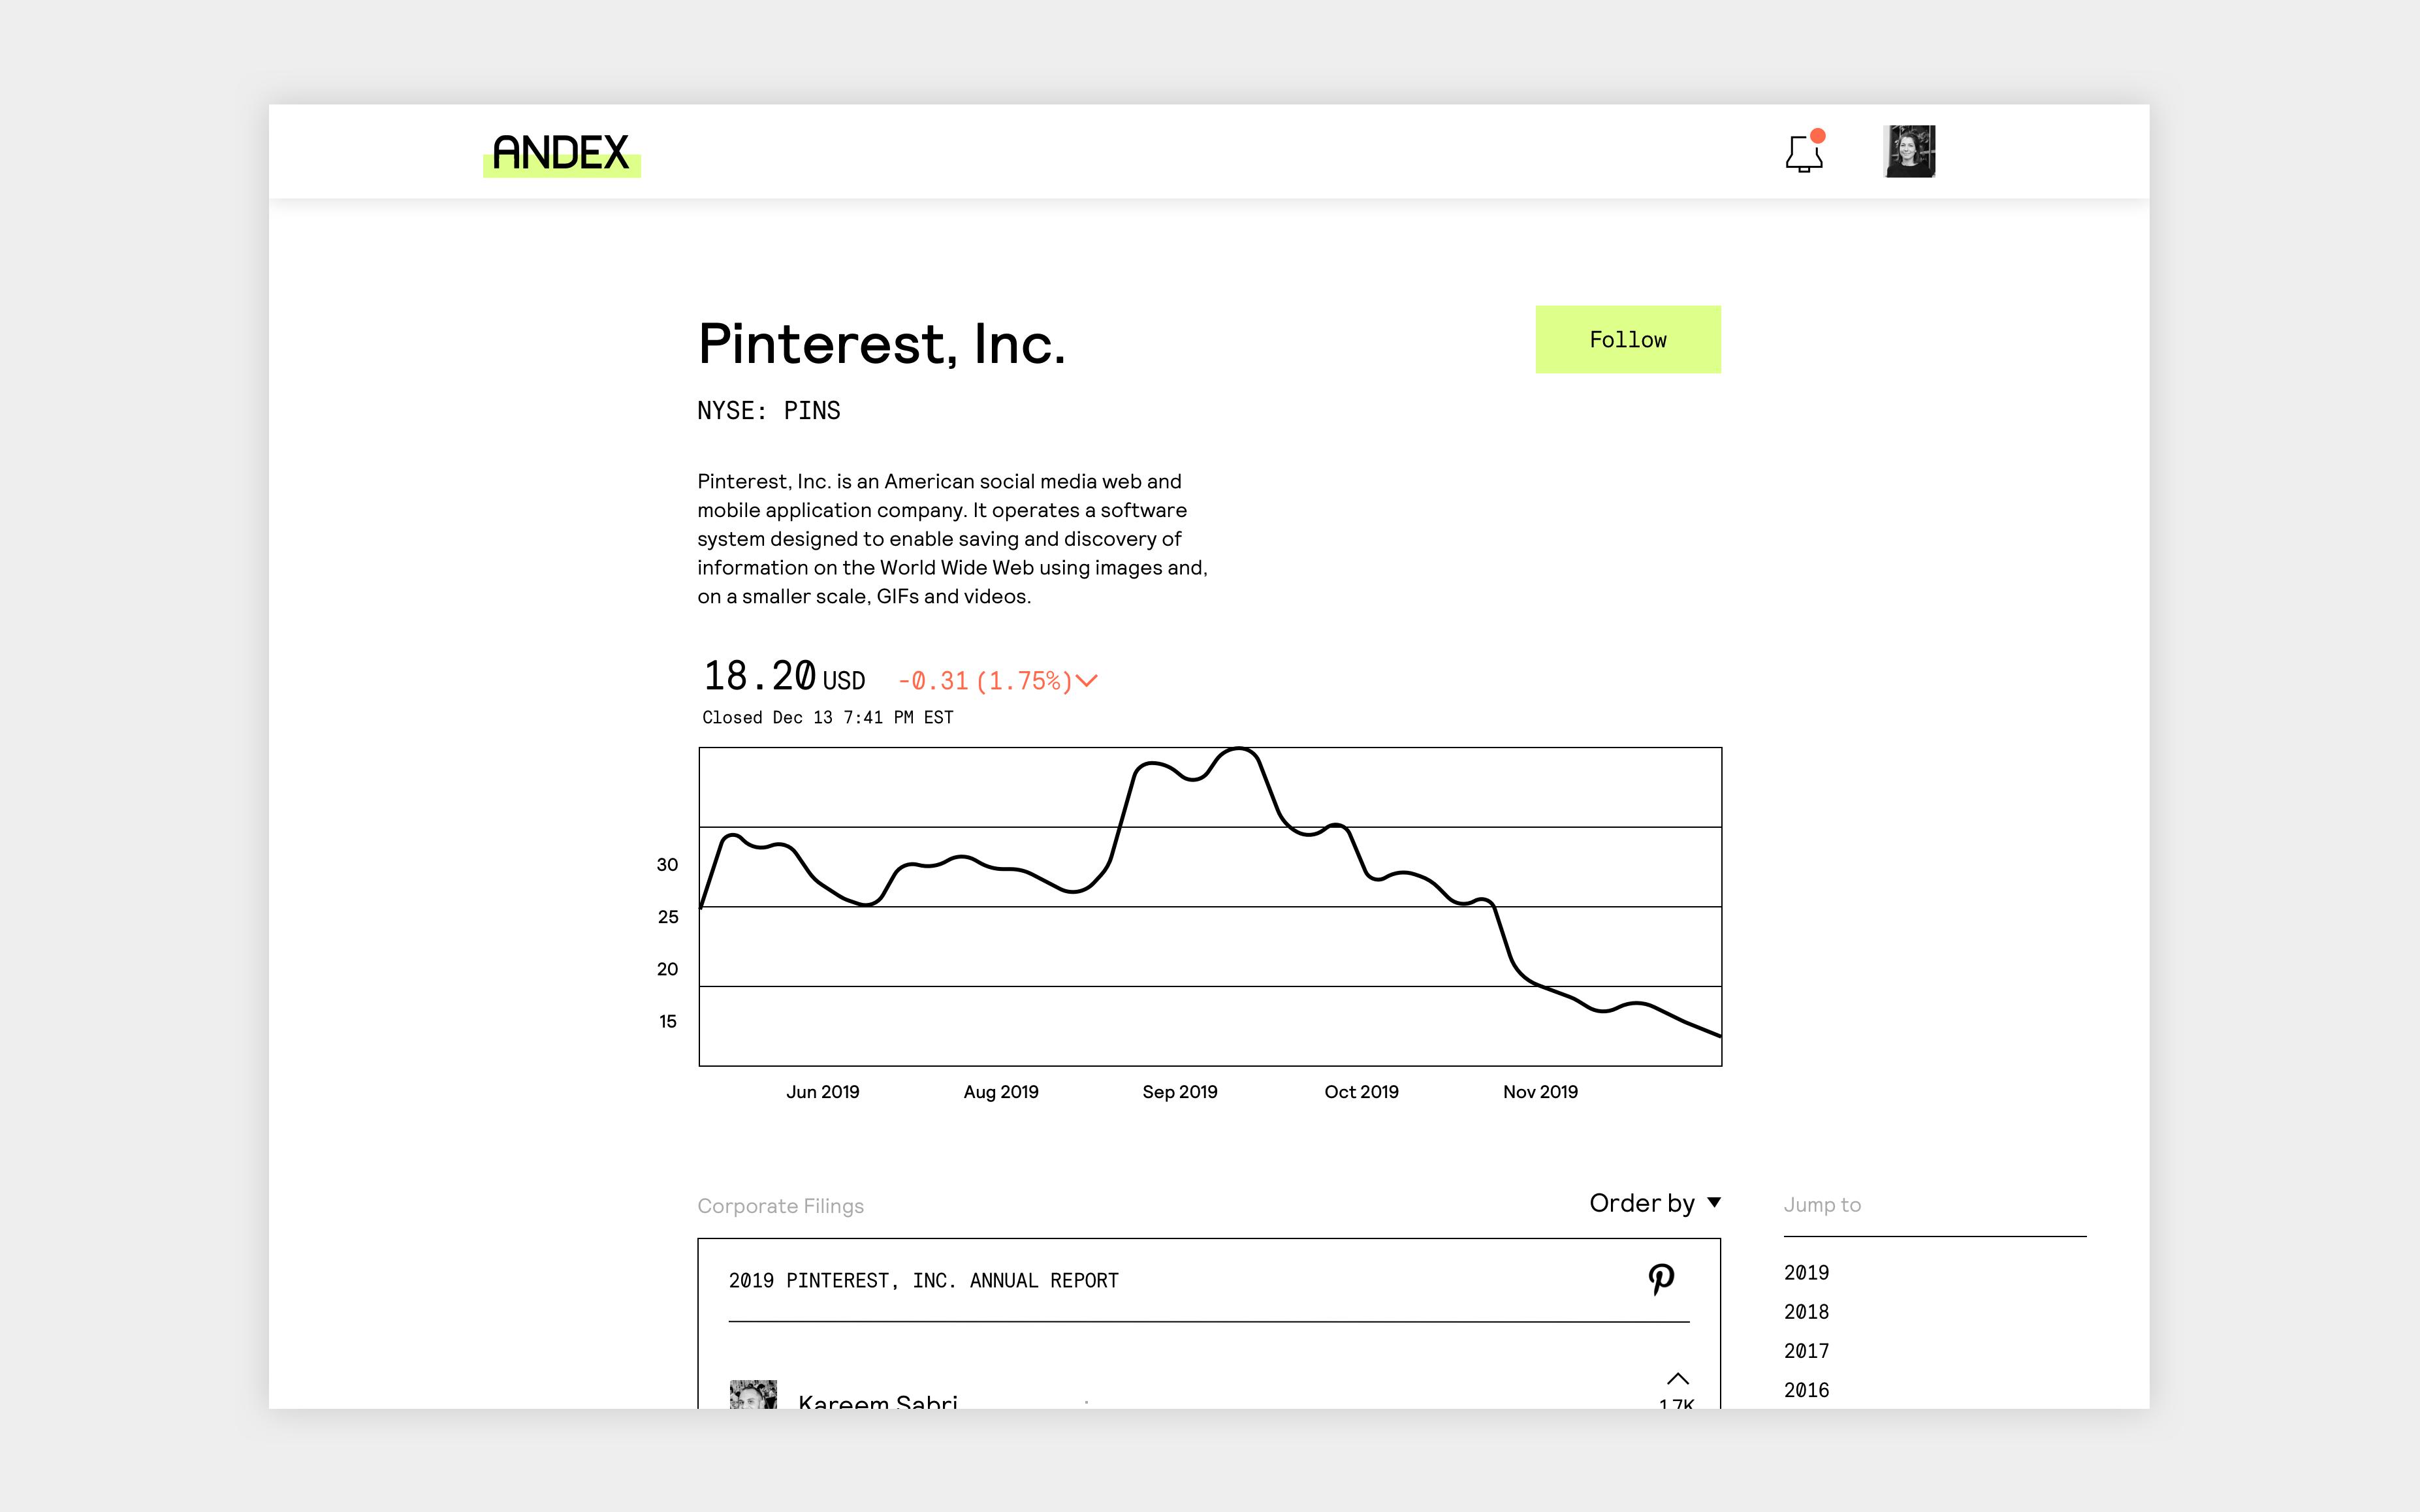 andex_companyPage-1